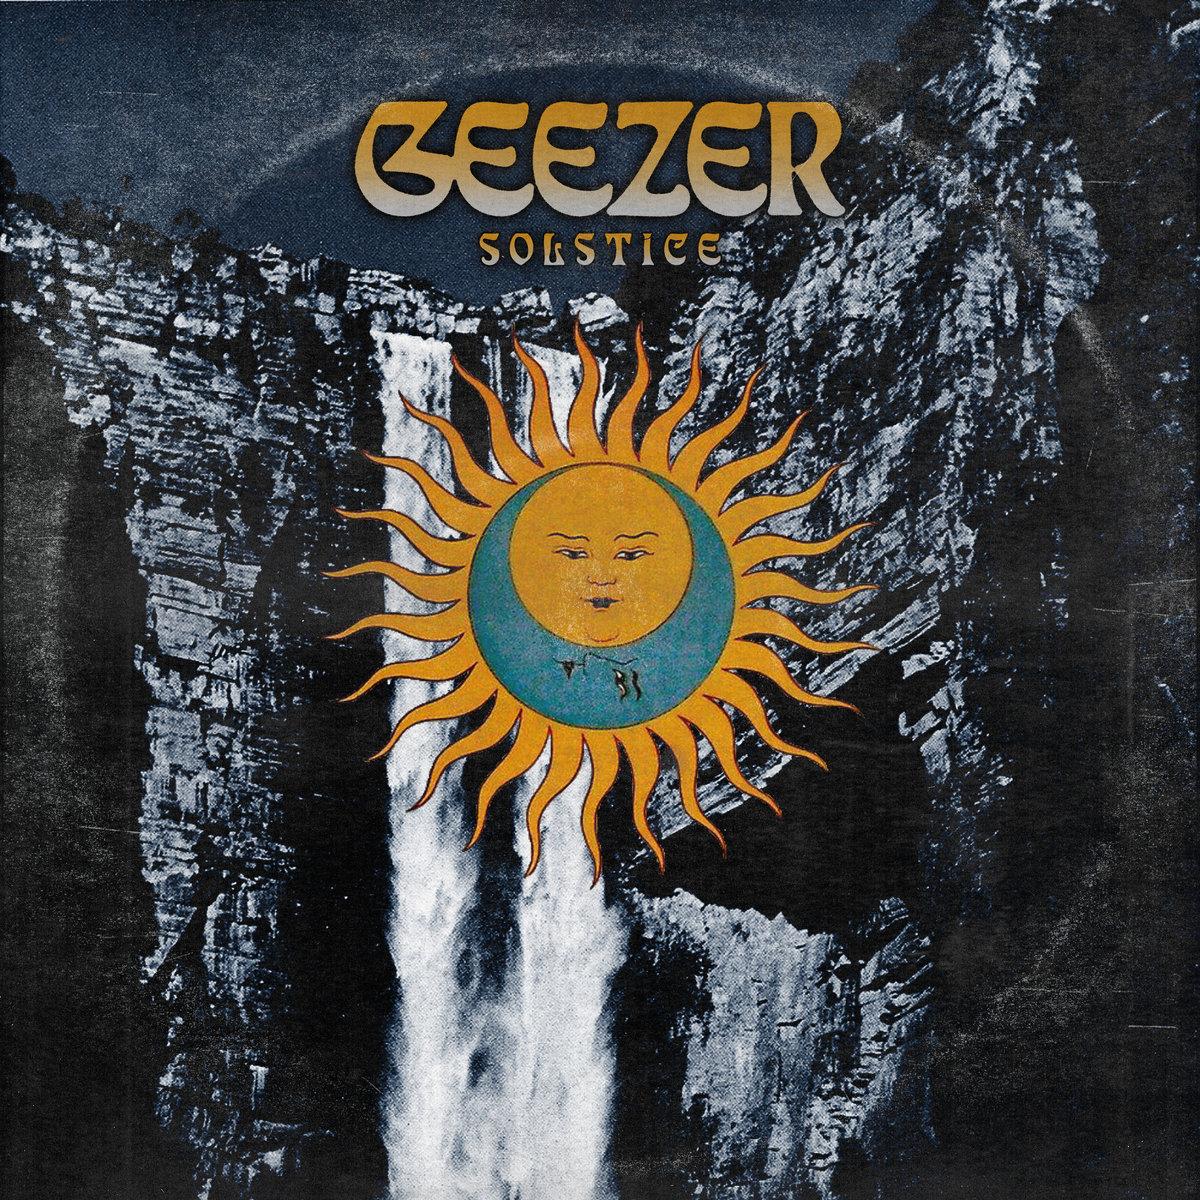 Geezer Solstice